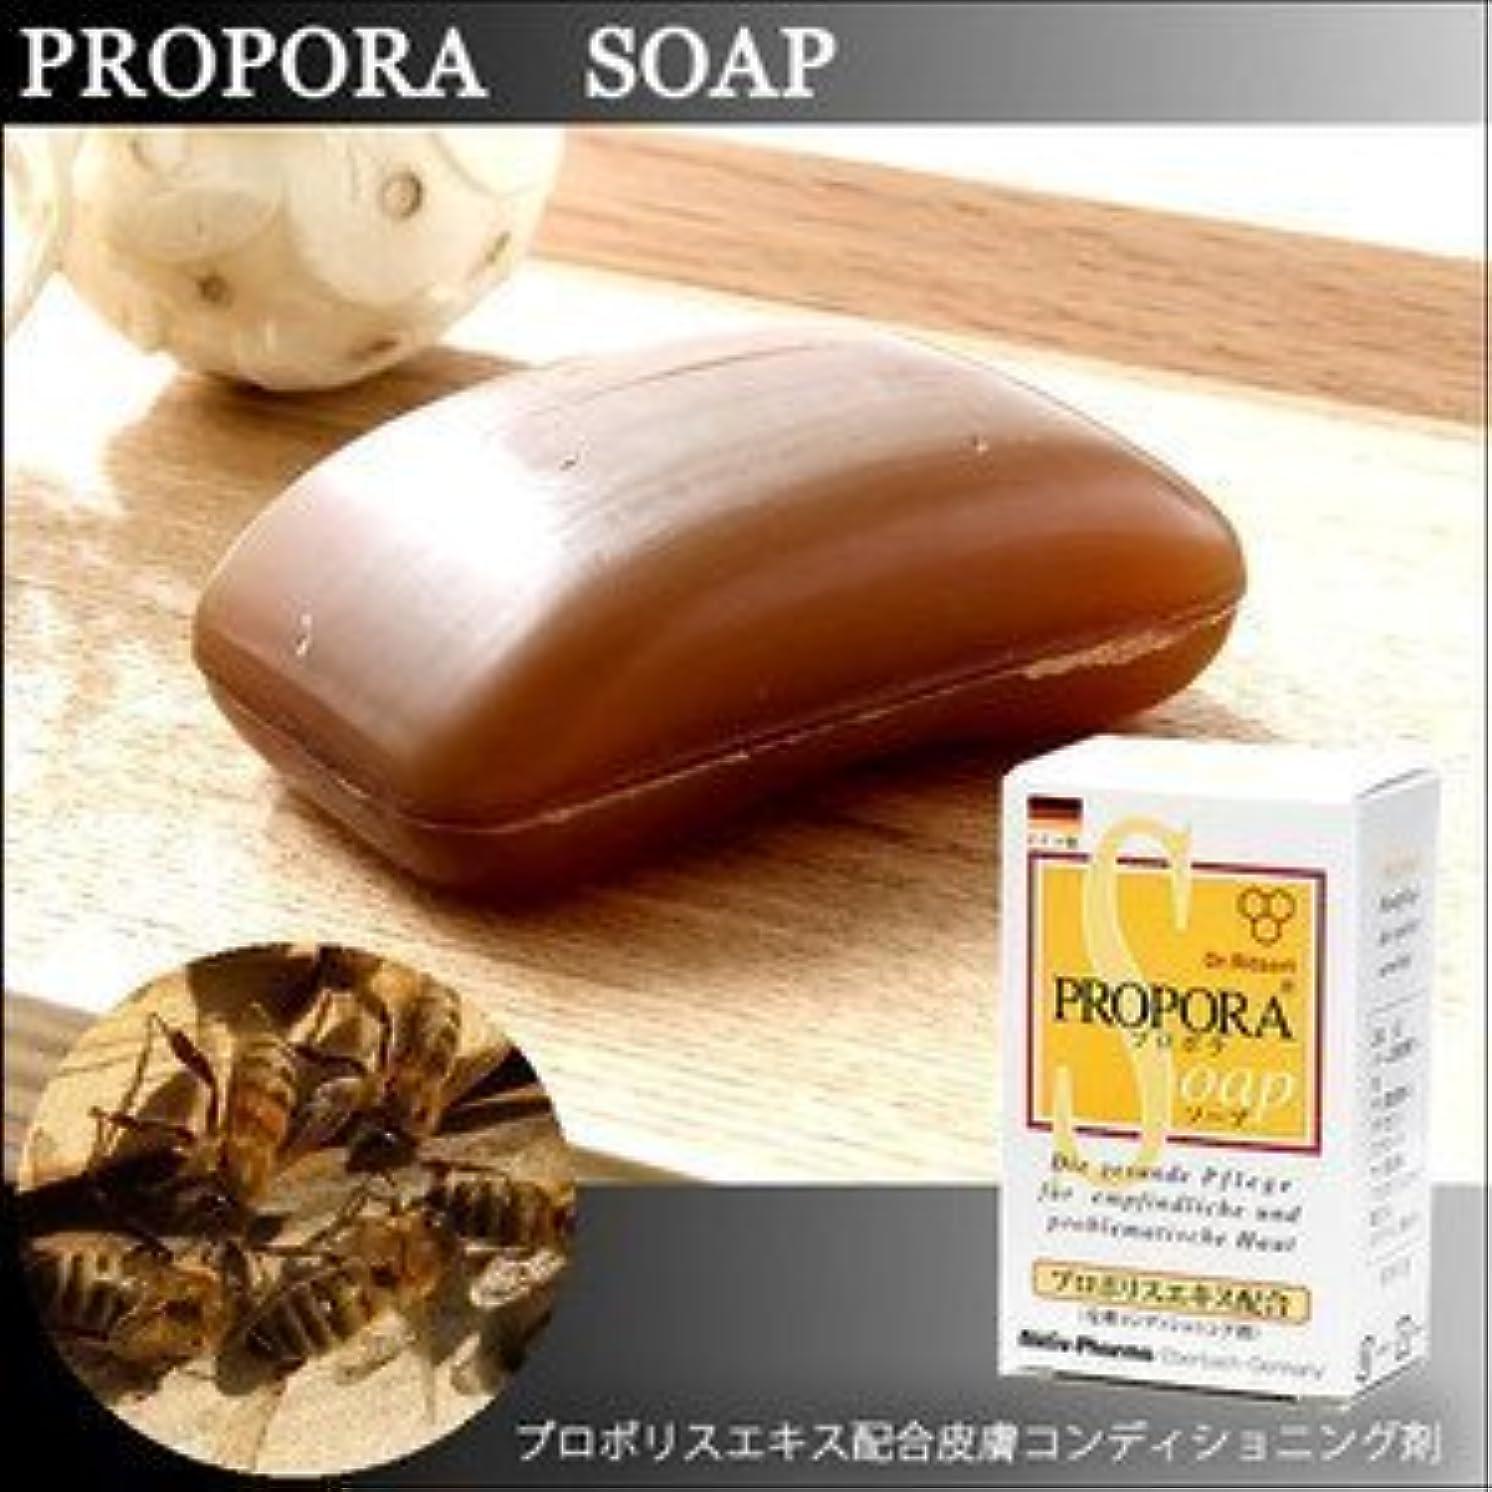 傷つきやすい脅かす安全お肌にお悩みの方に 天然由来成分のみを使用したドイツ生まれのプロポラソープ